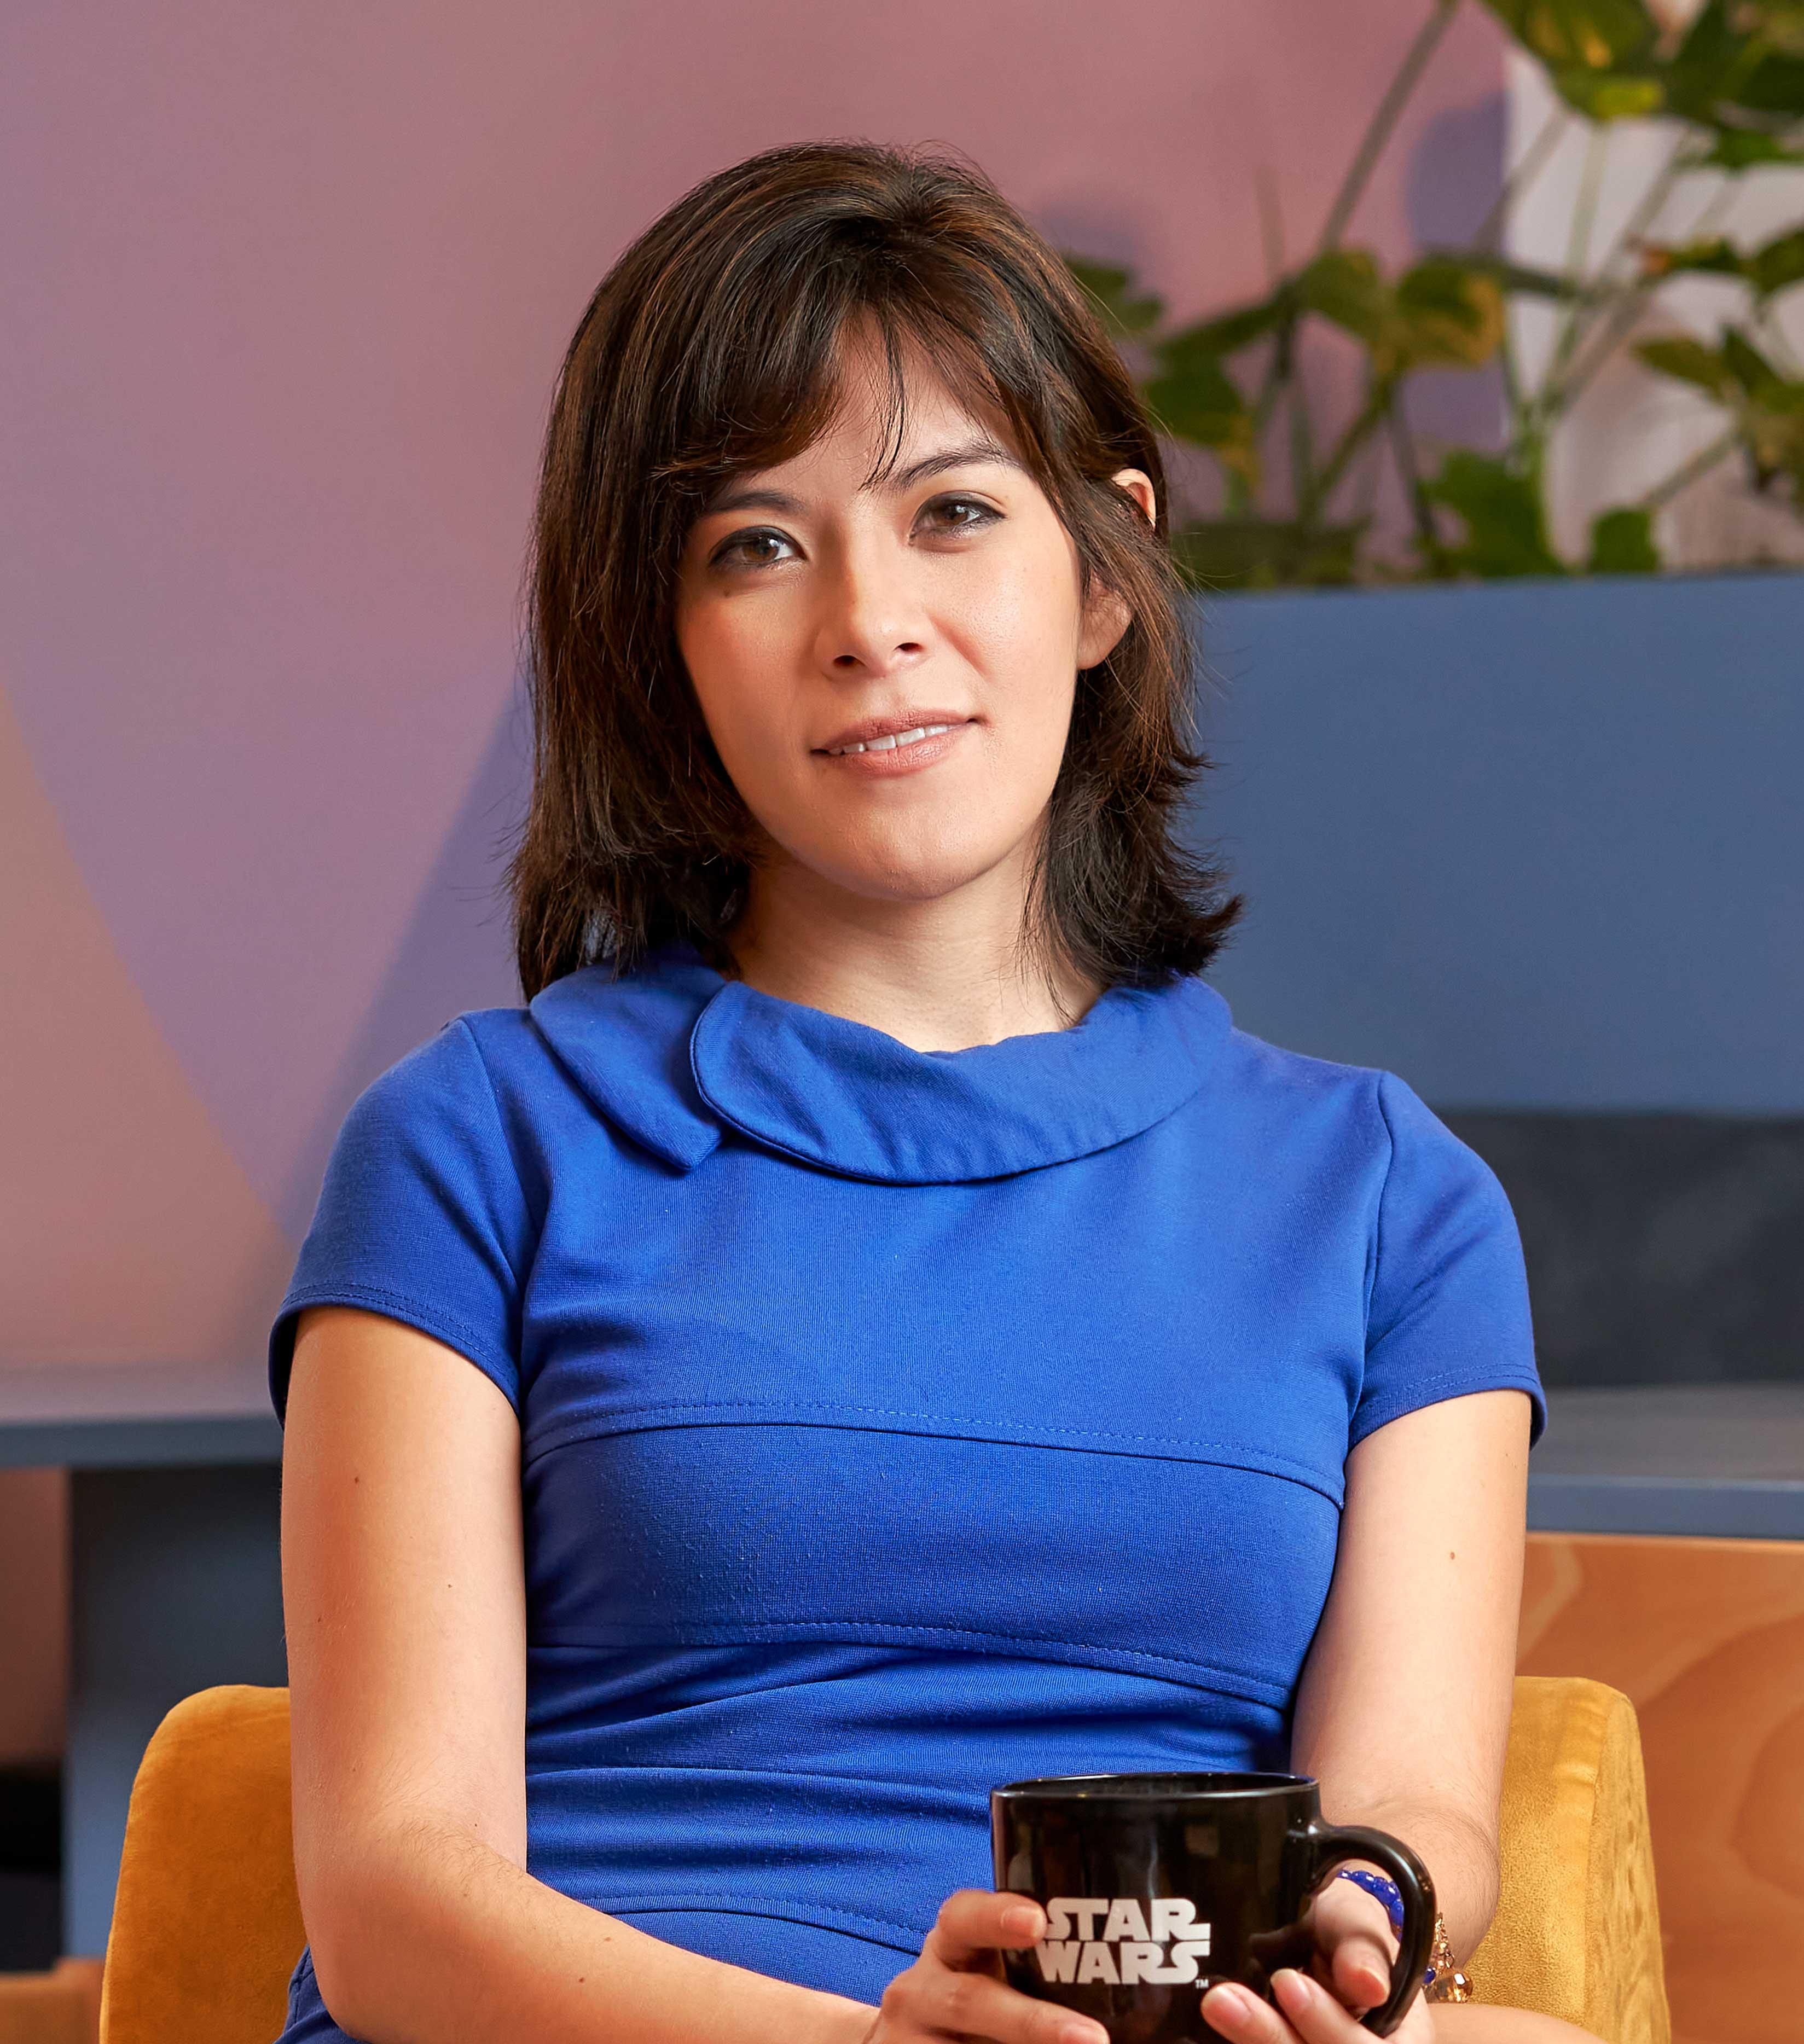 Leticia Stephanie Valerio